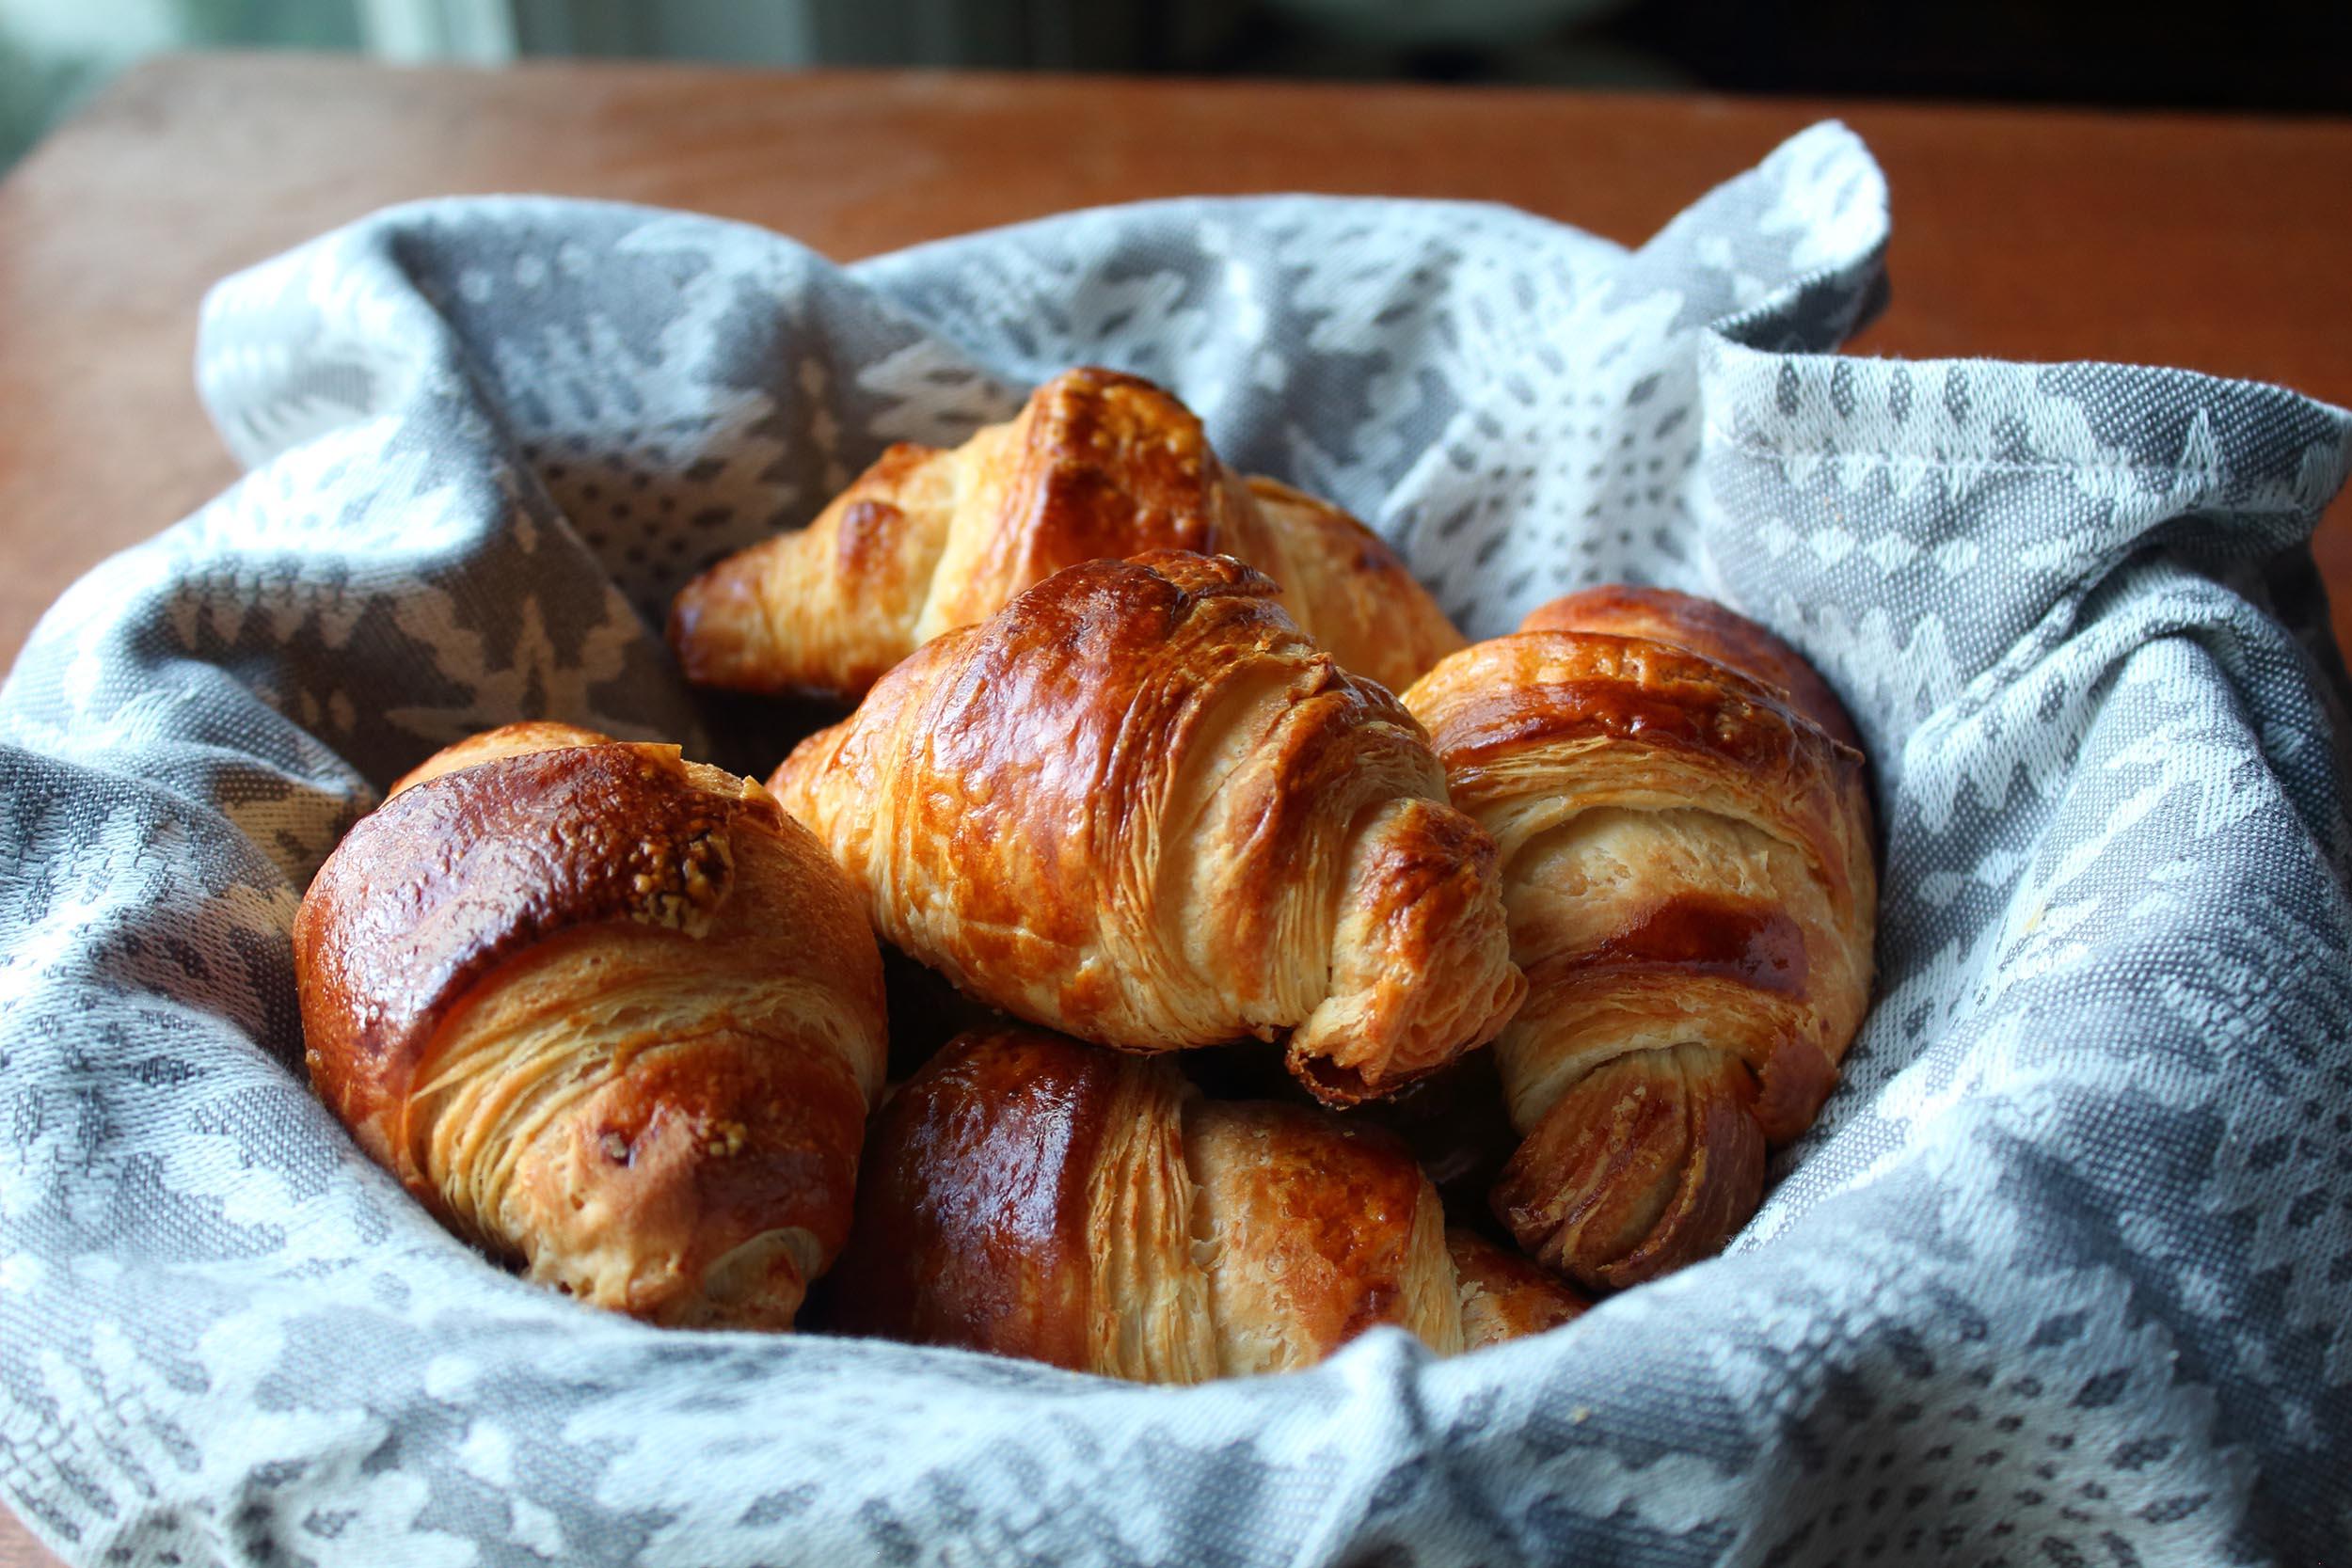 Chef John's Croissants